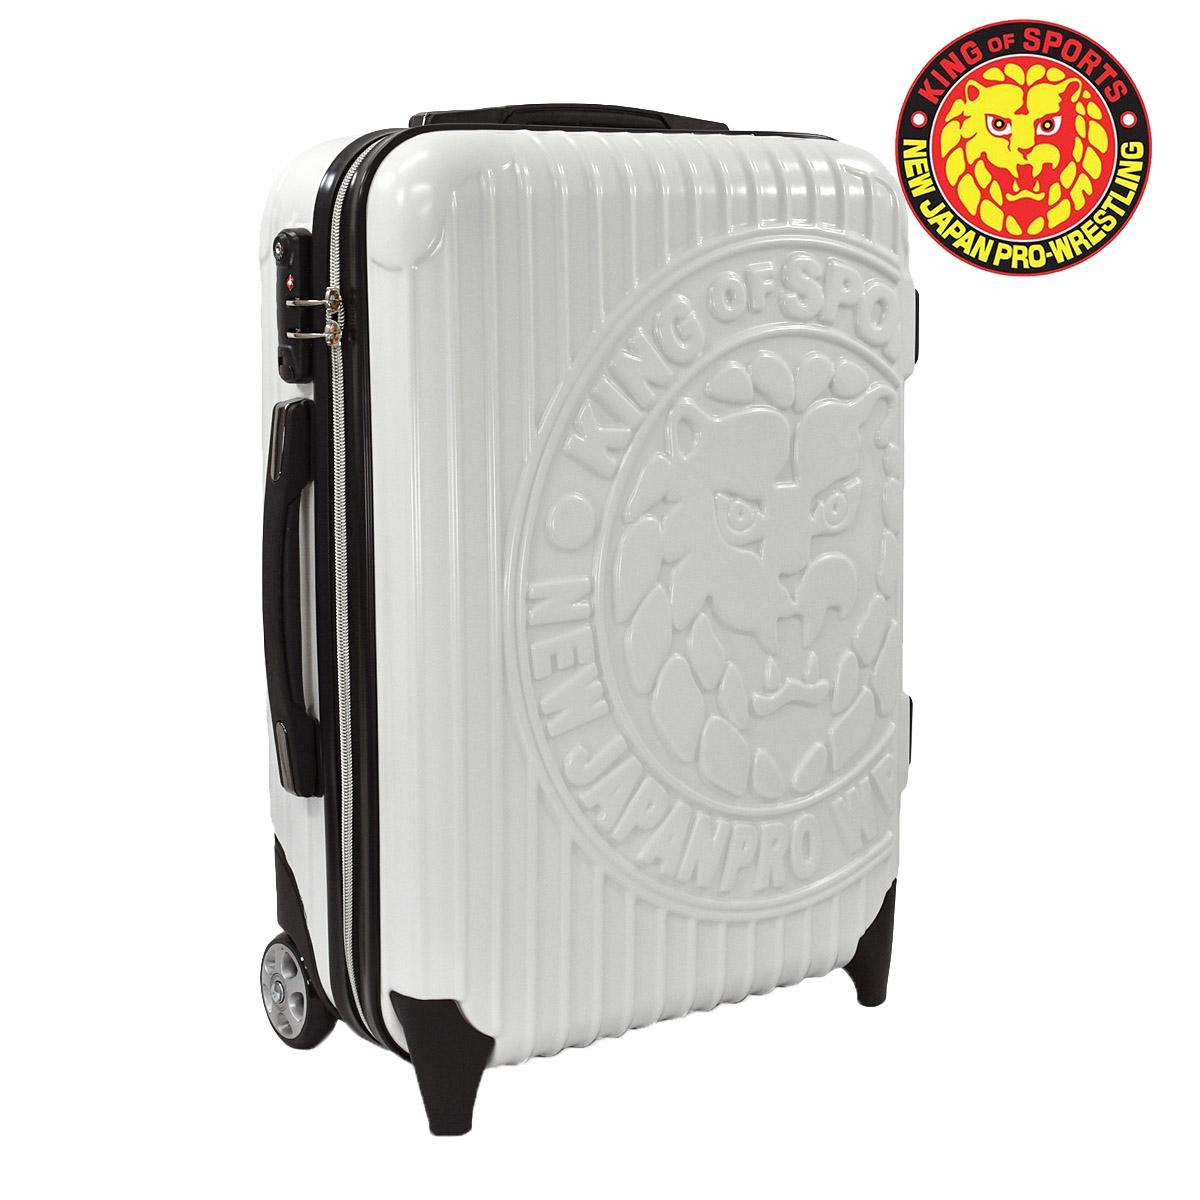 新日本プロレス キャリーケース 数量限定 スーツケース キャリーバッグ TSAロック 旅行用 キャリーバッグ 軽量 旅行バッグ トランク旅行カバン